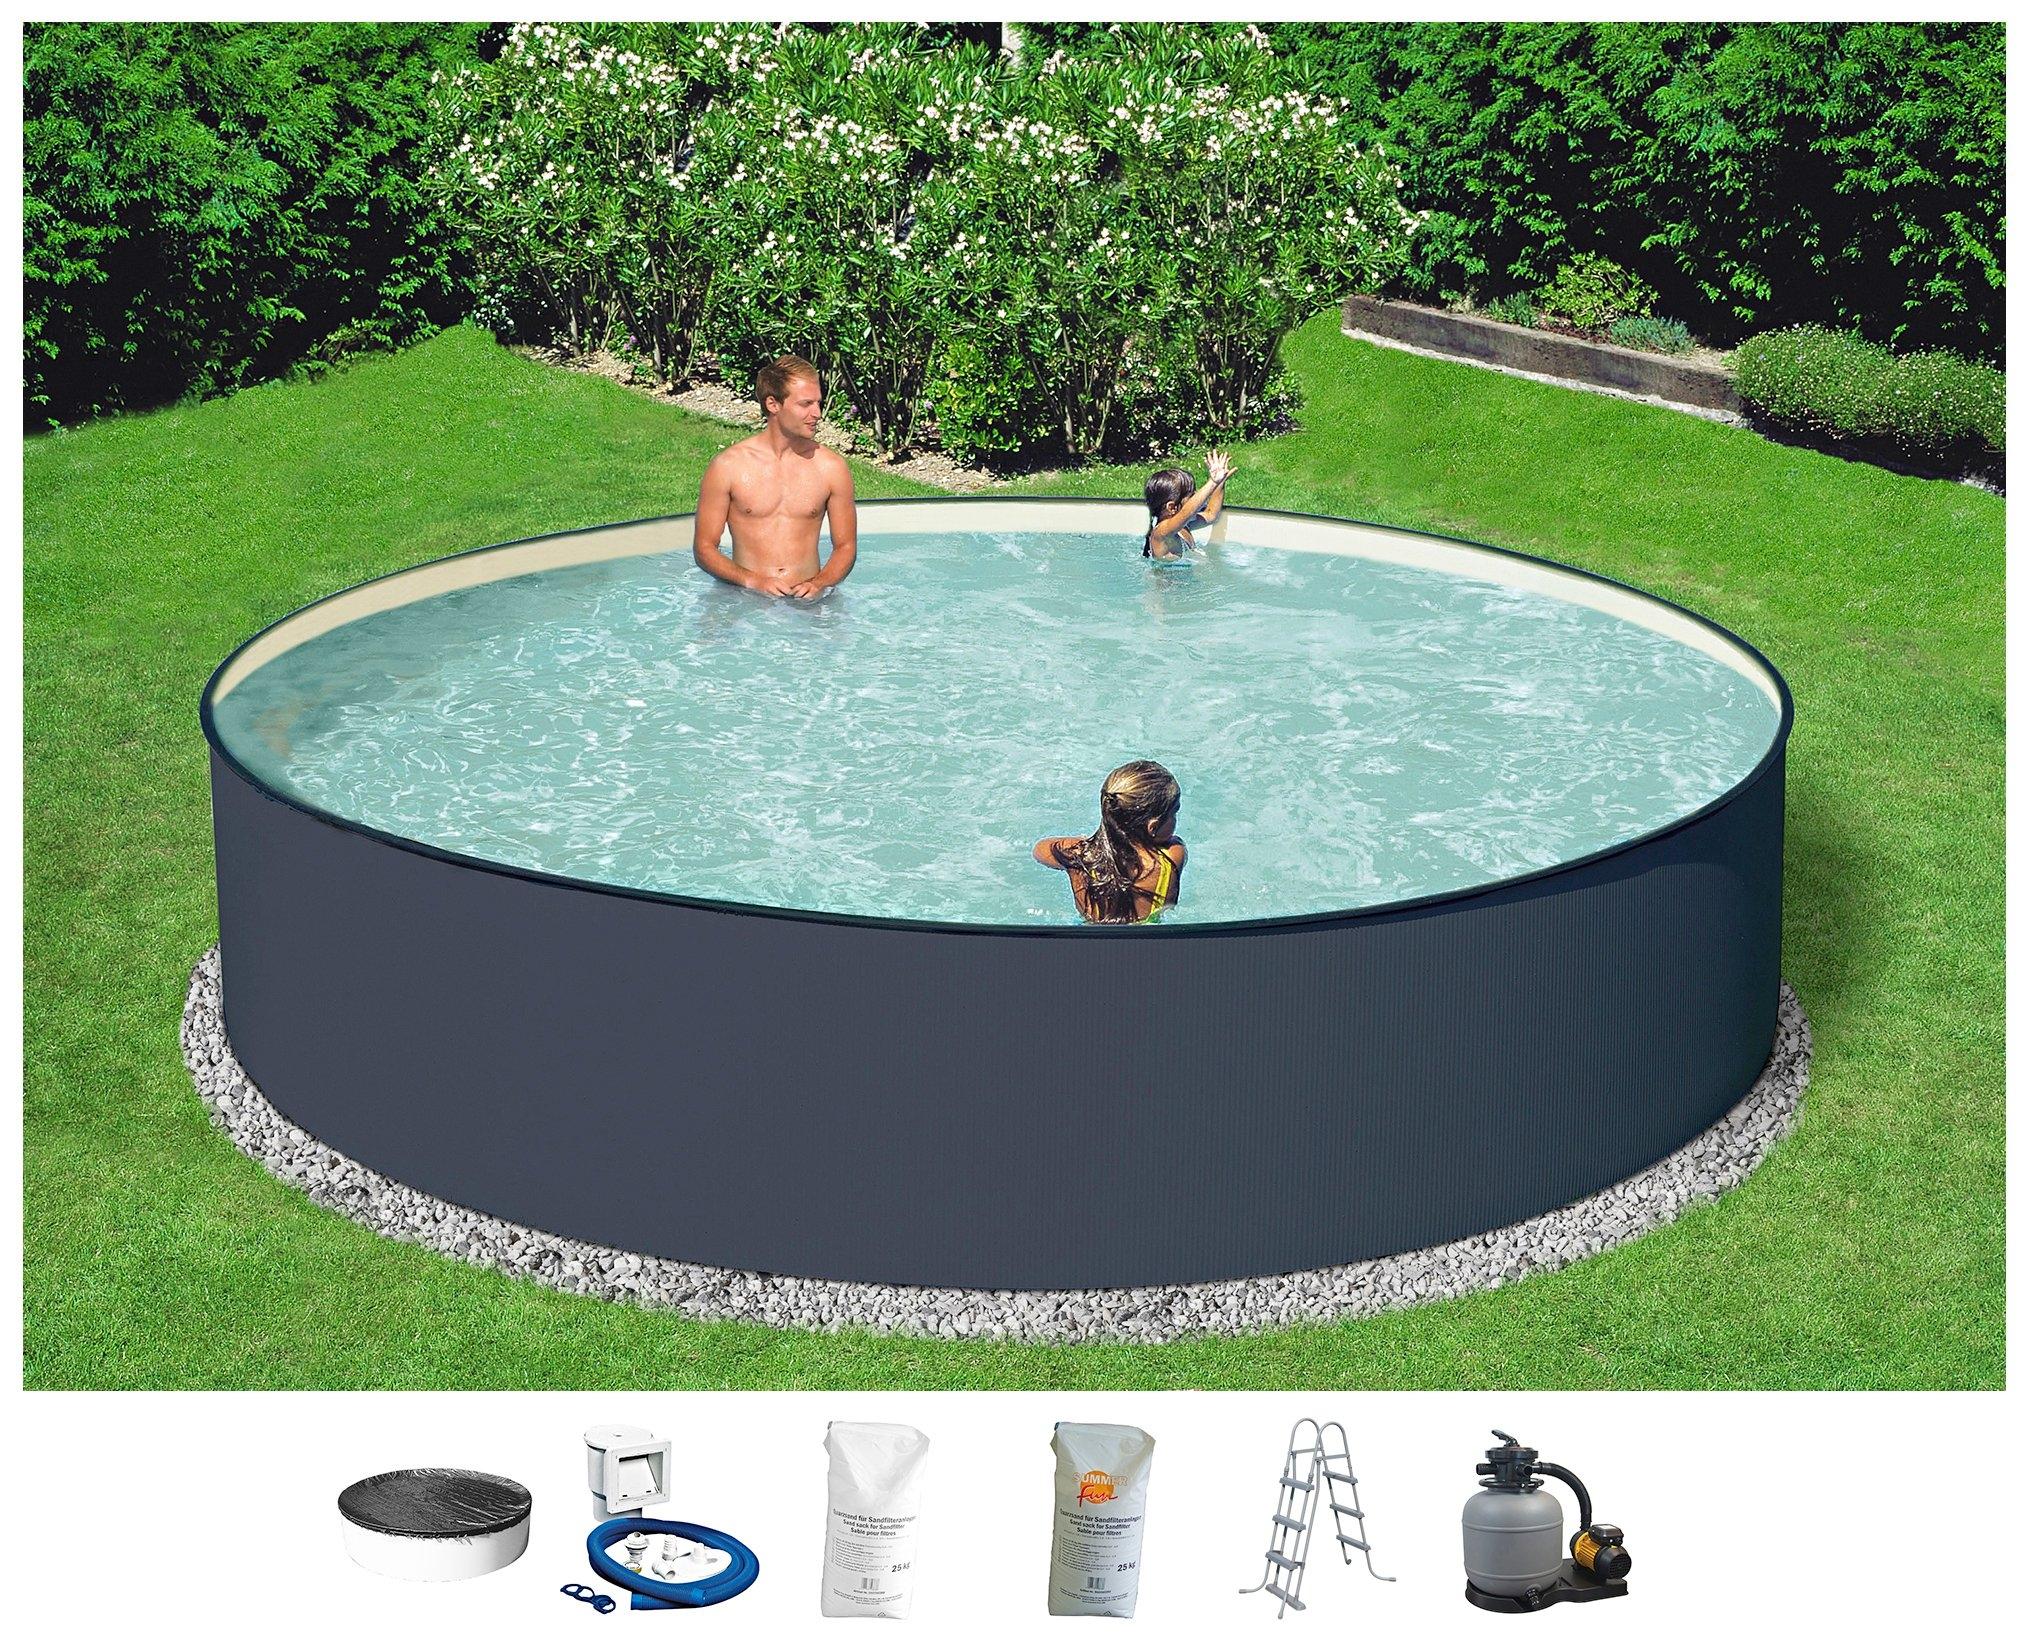 Konifera Rond zwembad »Set: rond zwembad antraciet met veiligheidstrap en zandfilterinstallatie (6-dlg.)« online kopen op otto.nl